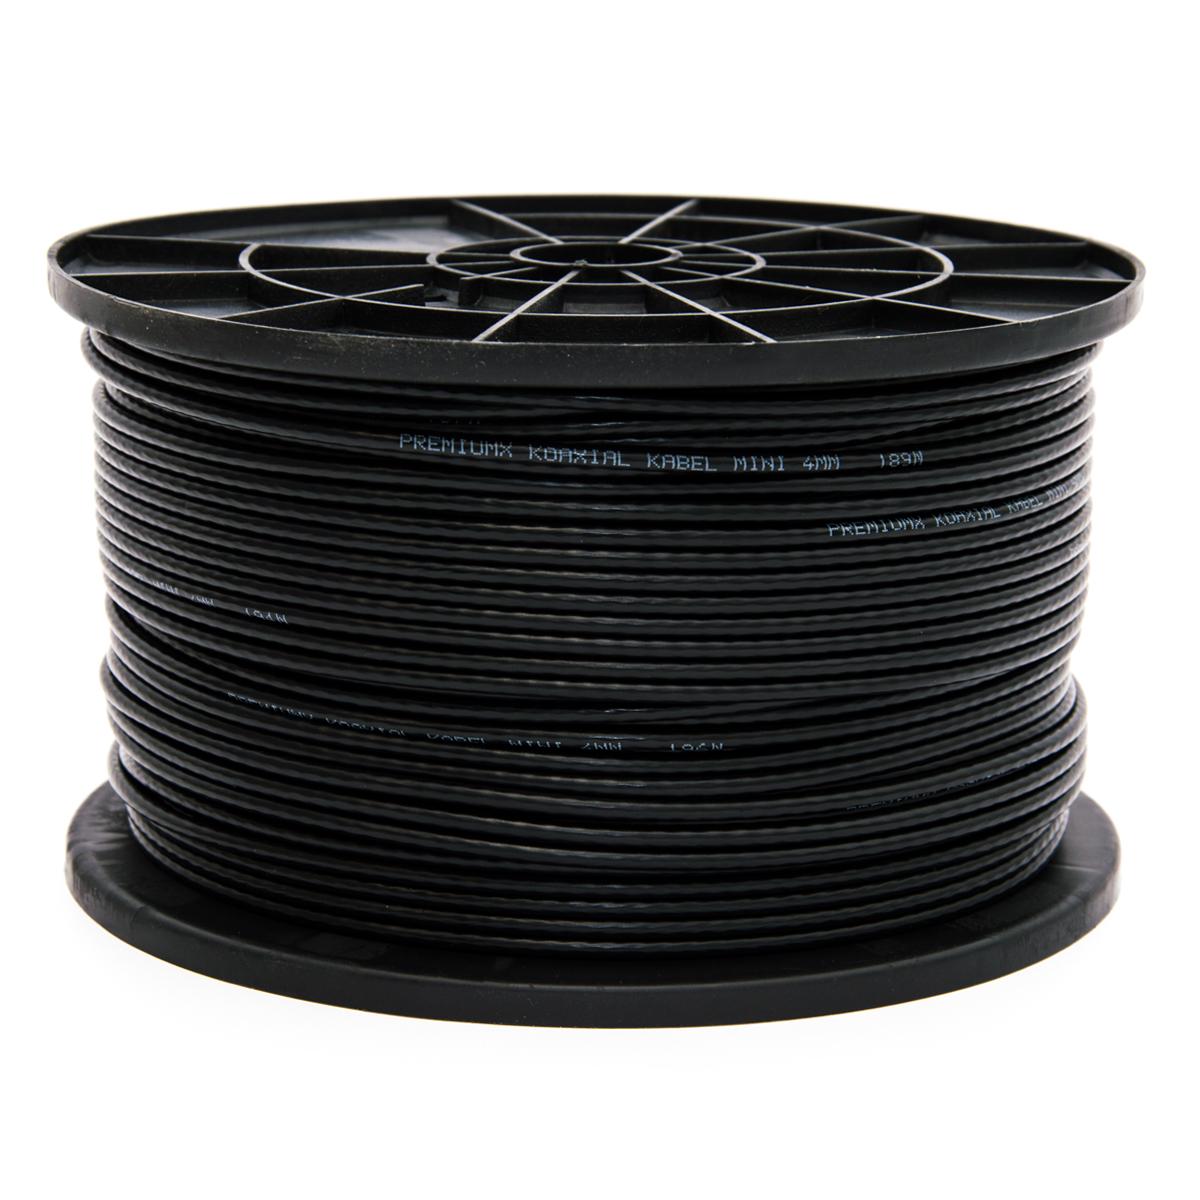 50m PremiumX Mini Koaxial Sat Kabel 4mm extra dünn Schwarz Koax Antennenkabel 2-fach geschirmt für Sat | Kabel | DVB-T – Ultra HD 4K 3D